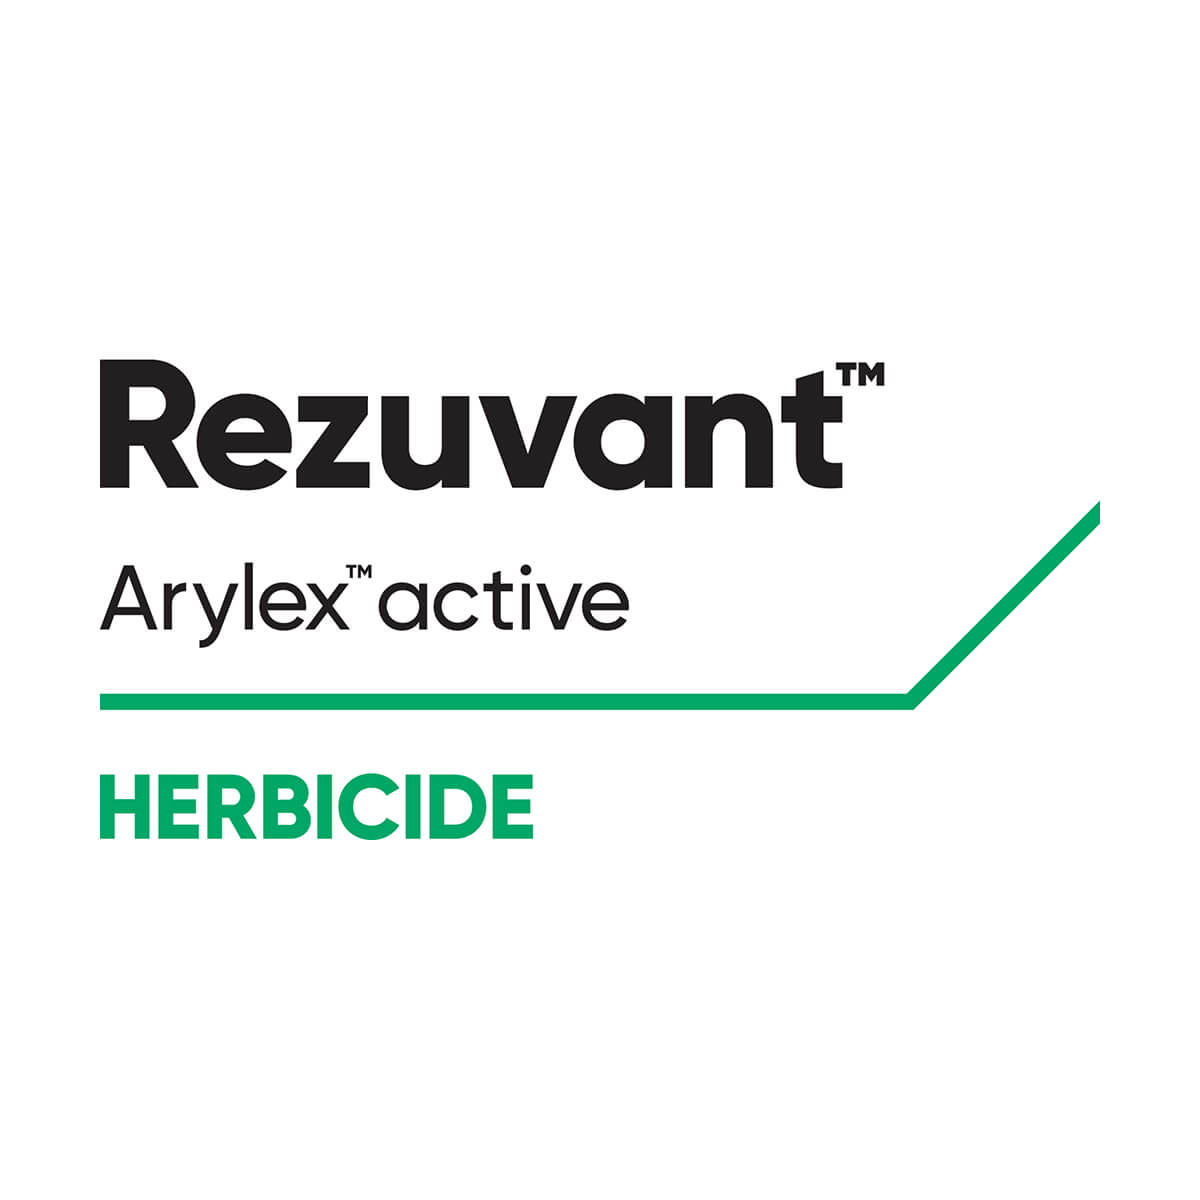 REZUVANT - 24.9 L